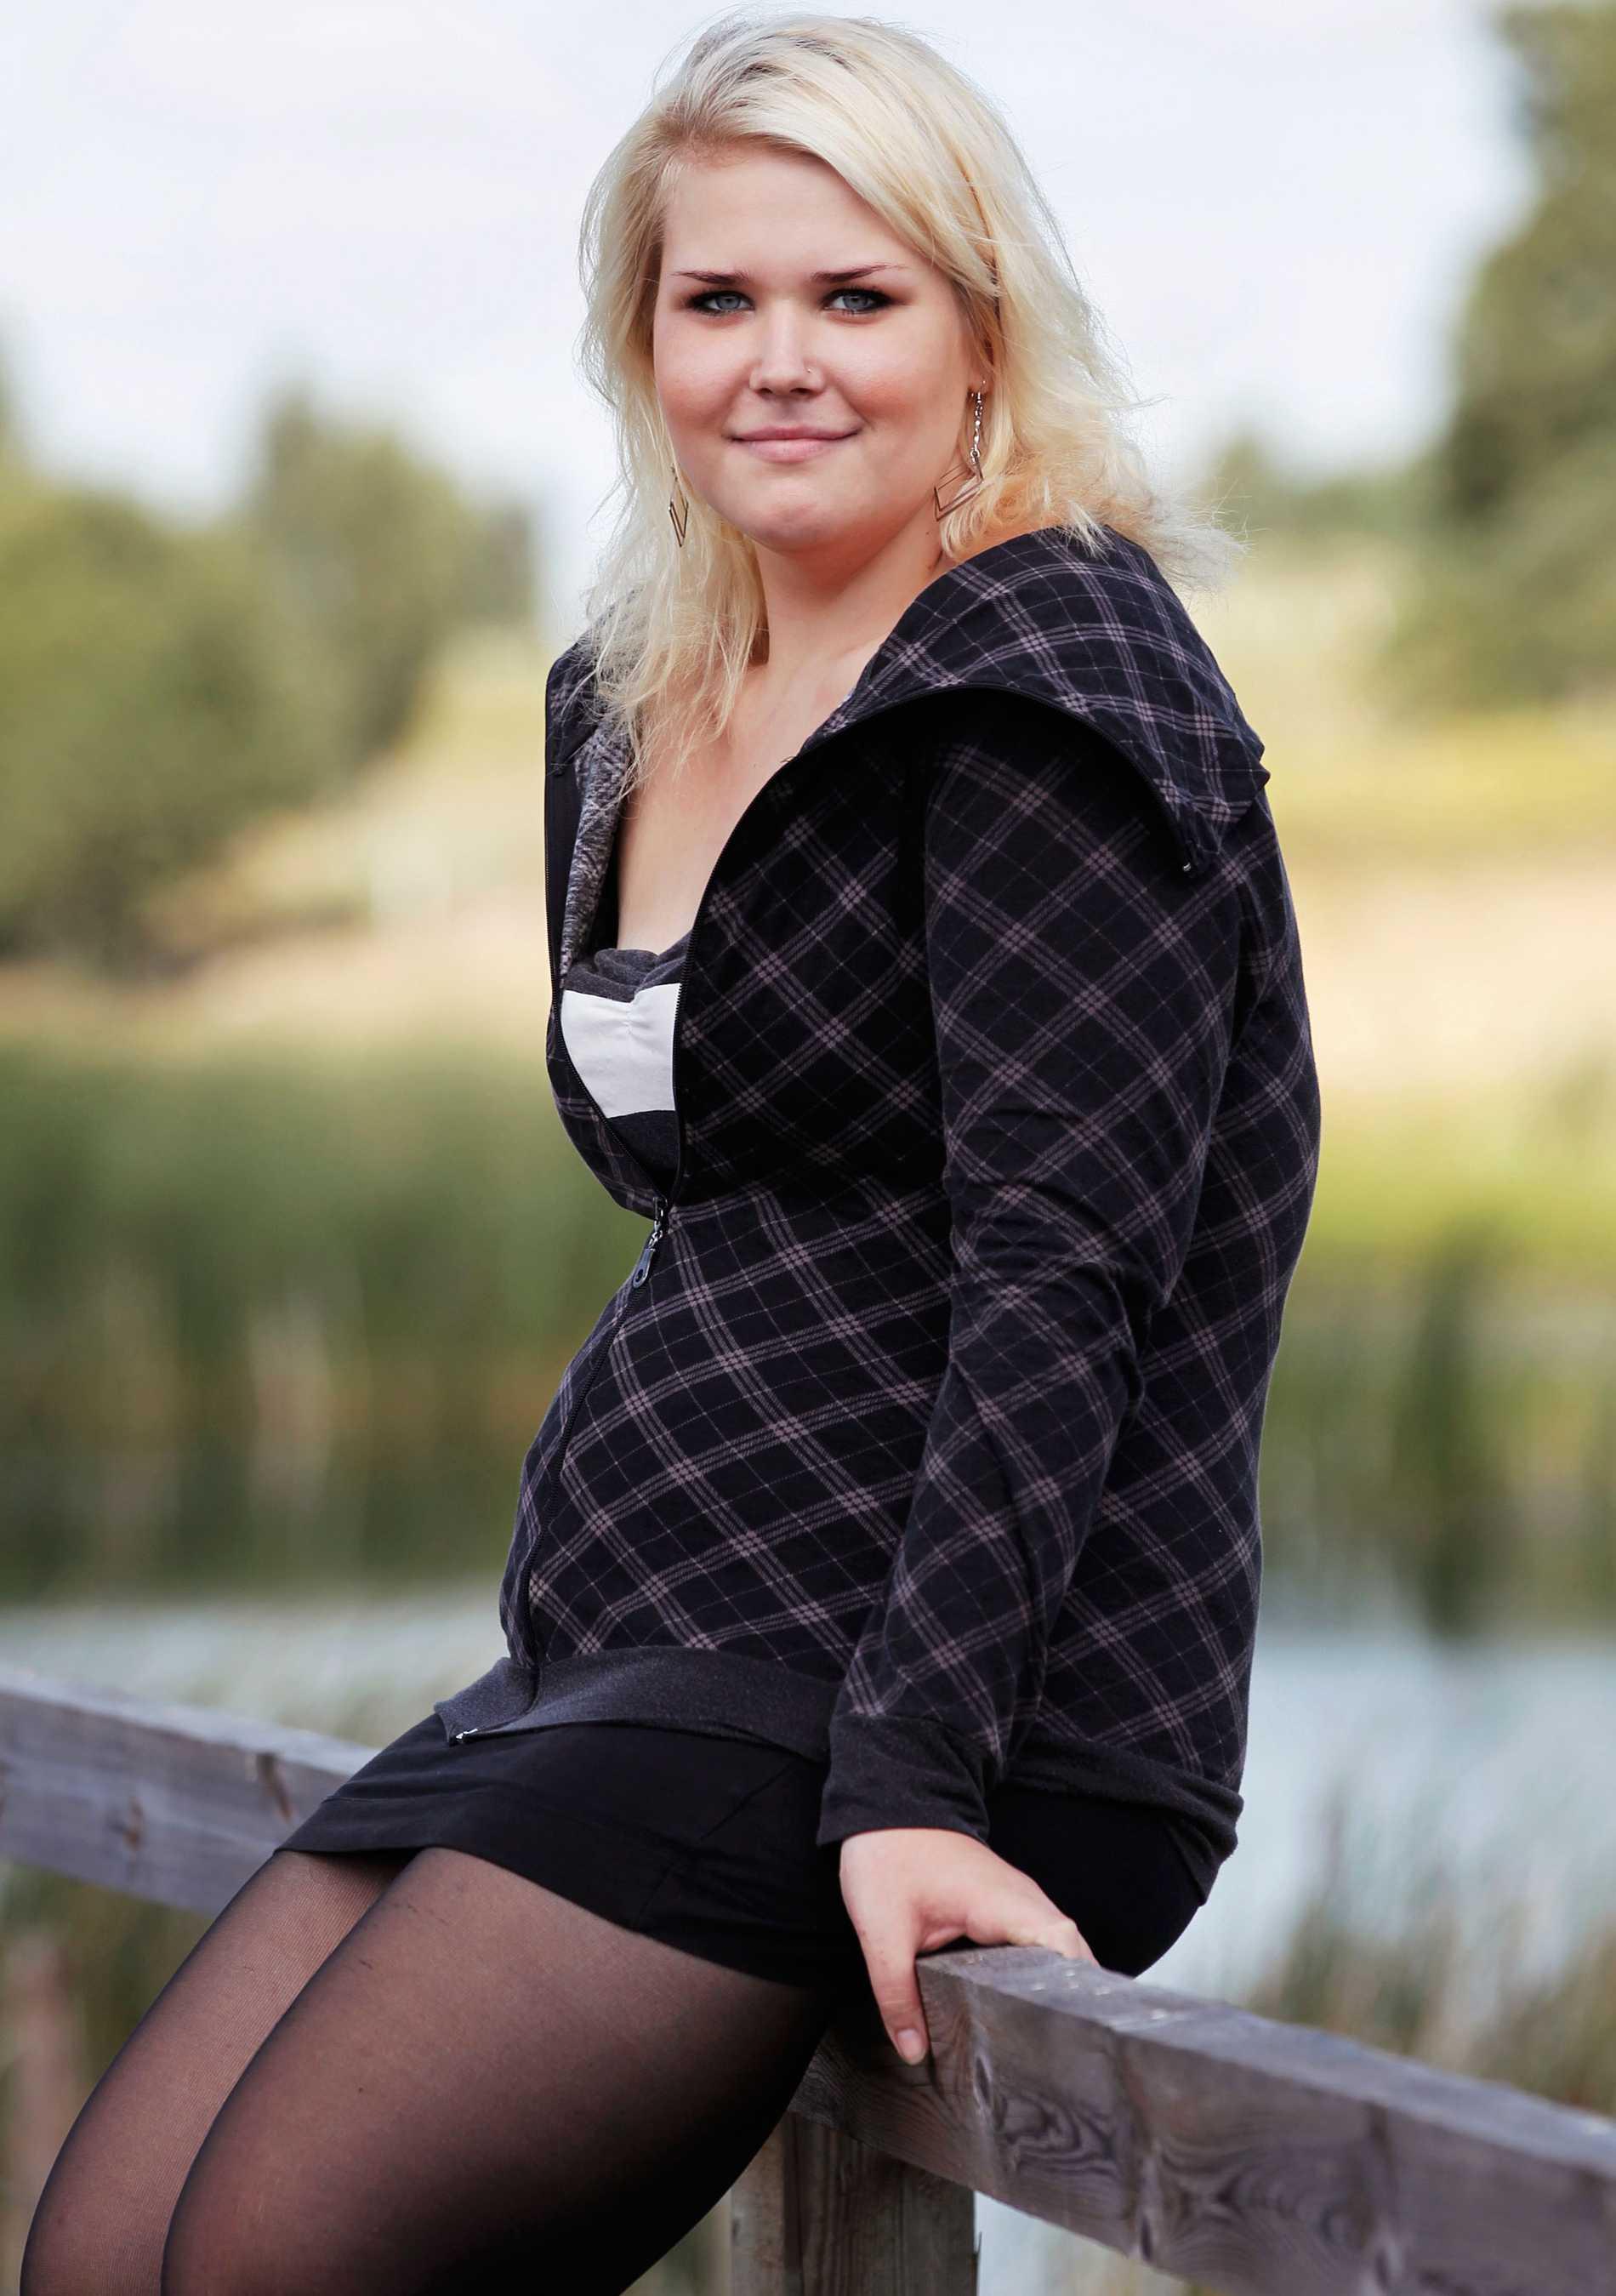 Martina Kähkölä har gått ner 55 kilo efter sin gastric bypass-operation.